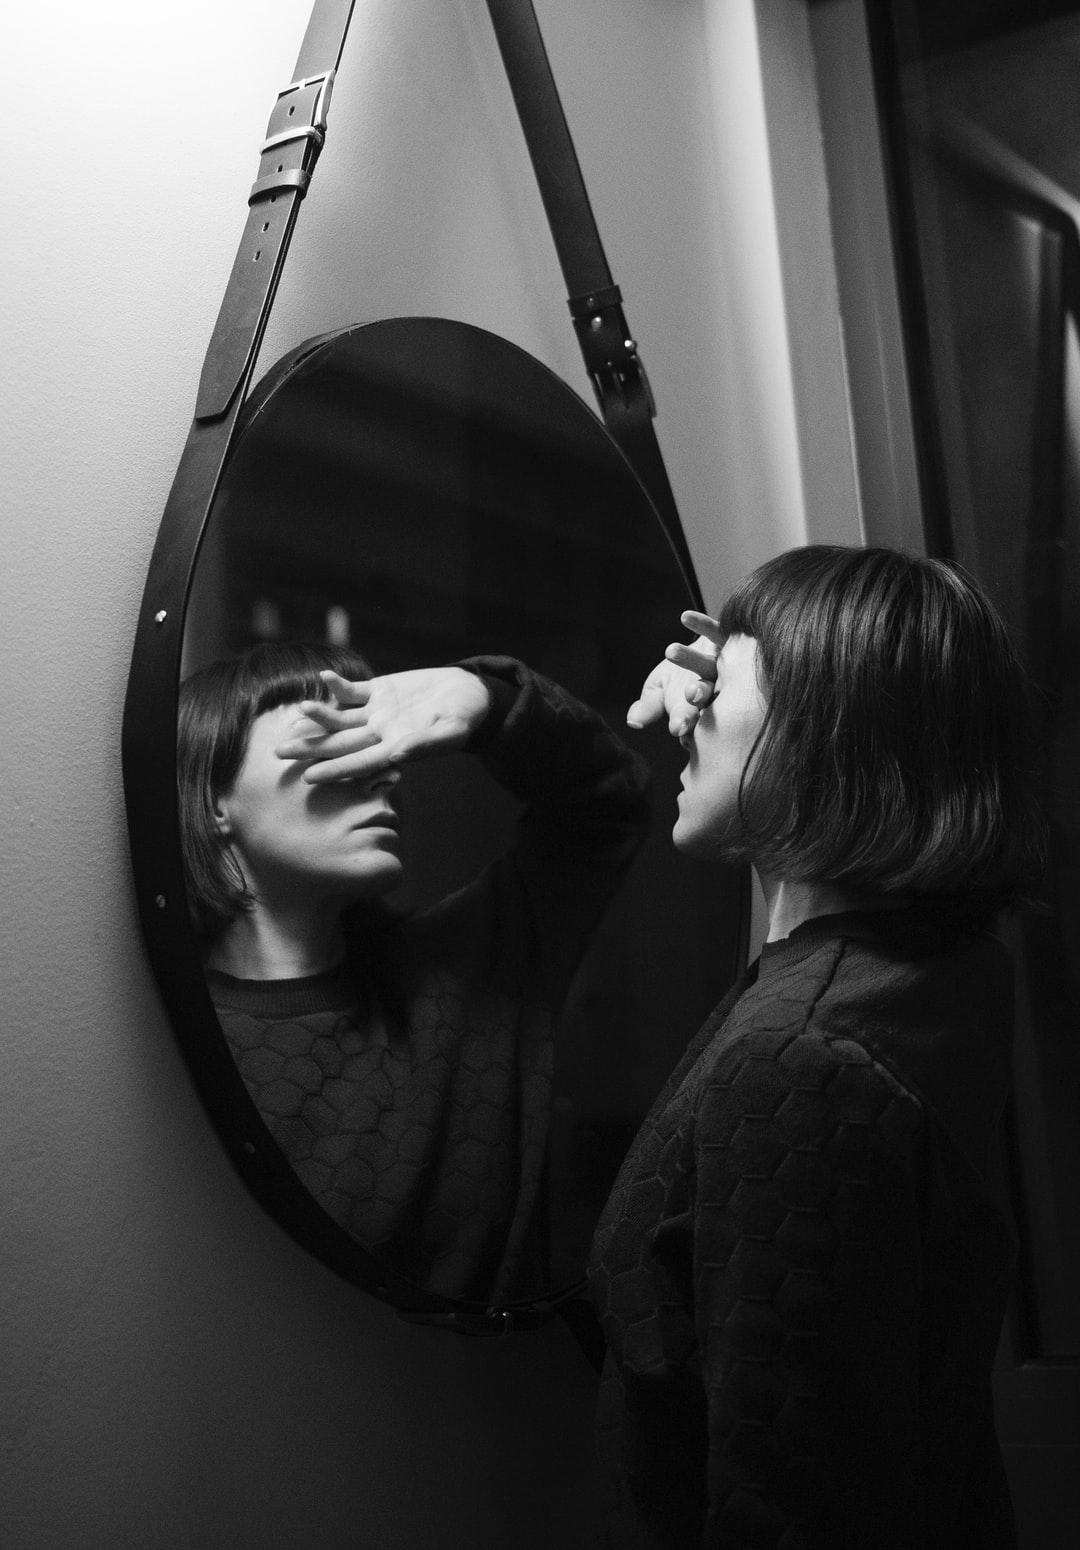 Wie is Alice aan de andere kant van de spiegel?